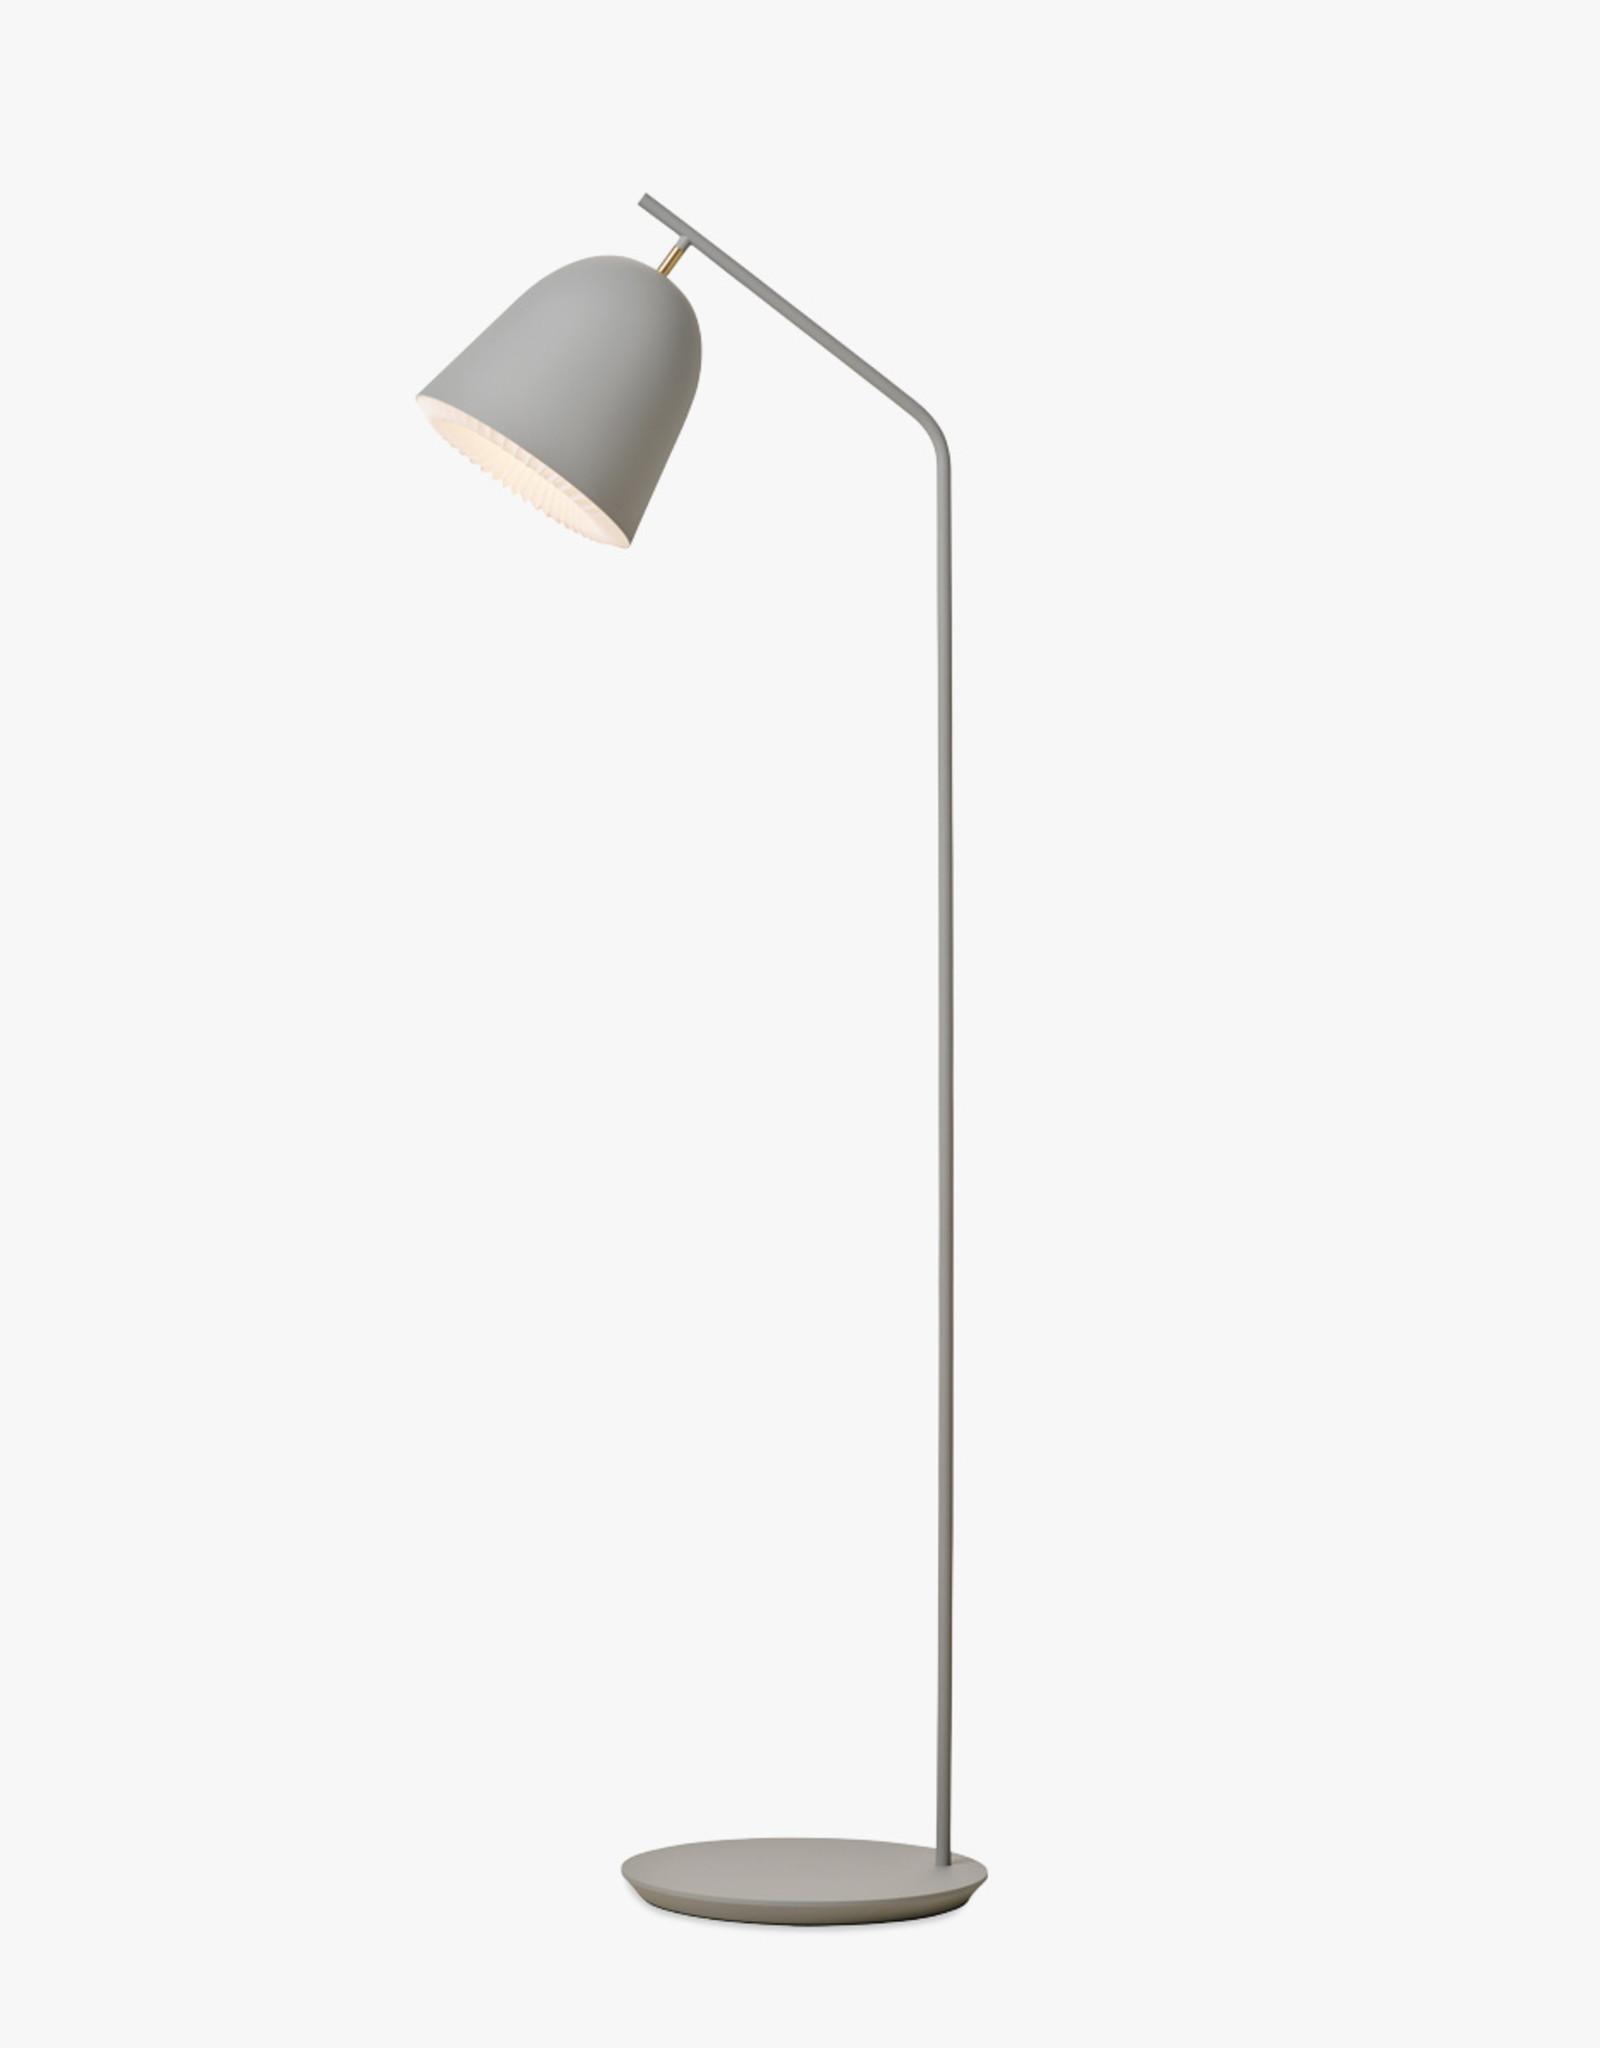 Caché floor light by Aurelién Barbry | Grey